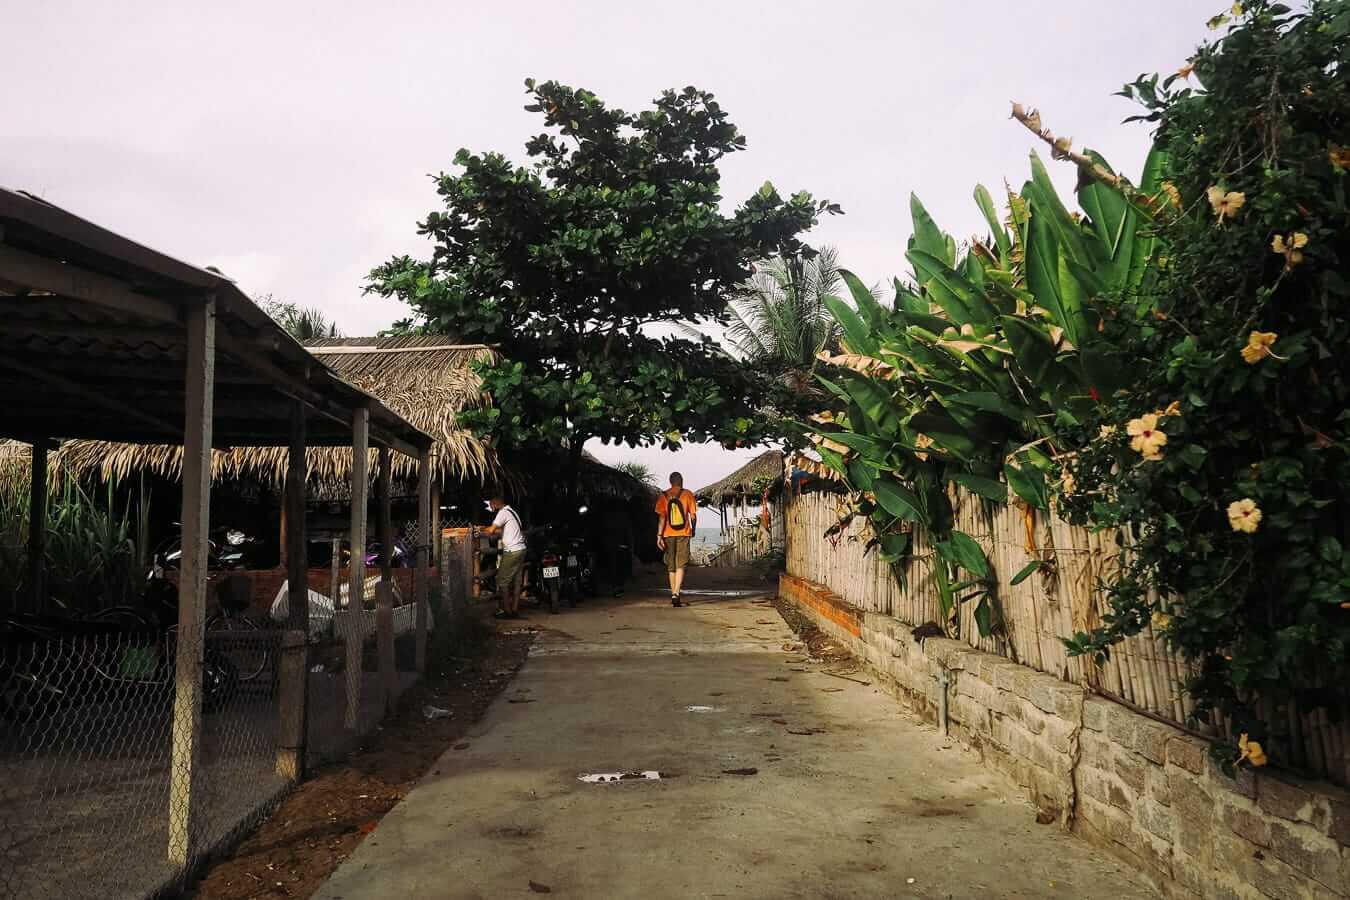 Path to An Bang beach: Hoi An's beaches